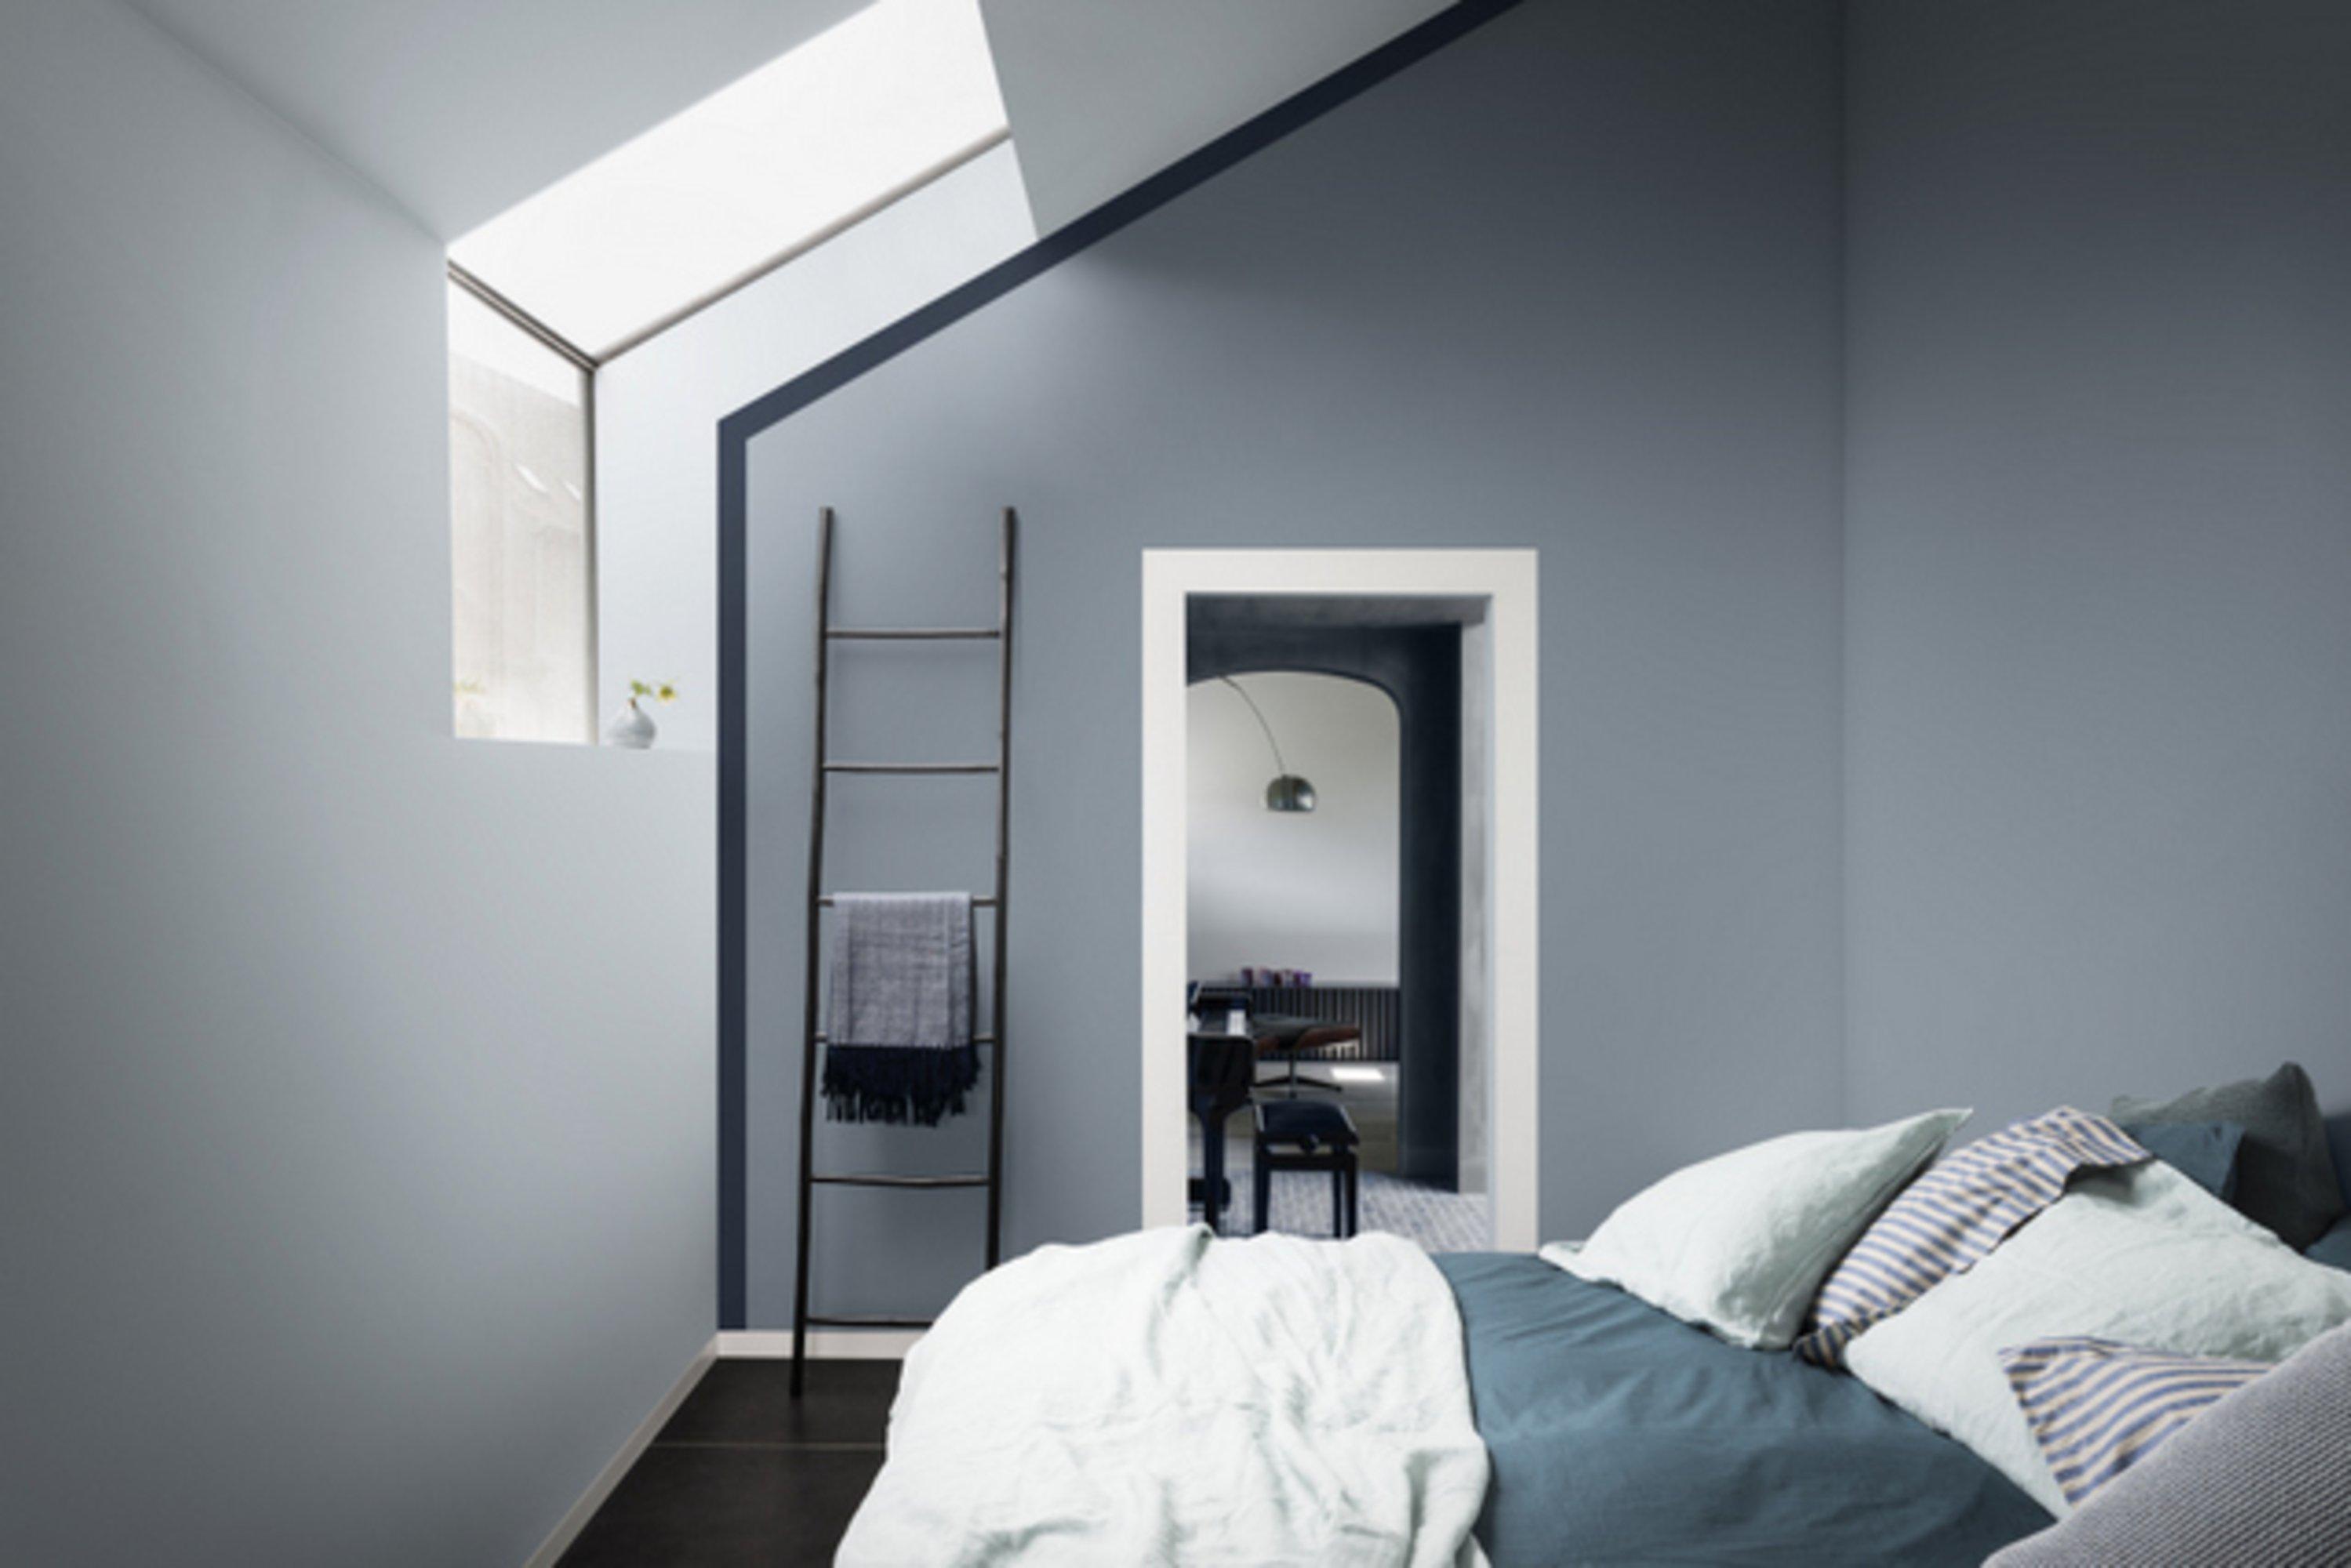 Slaapkamer Schilderen Ideeen : Schilderen slaapkamer voorbeelden u2013 cartoonbox.info